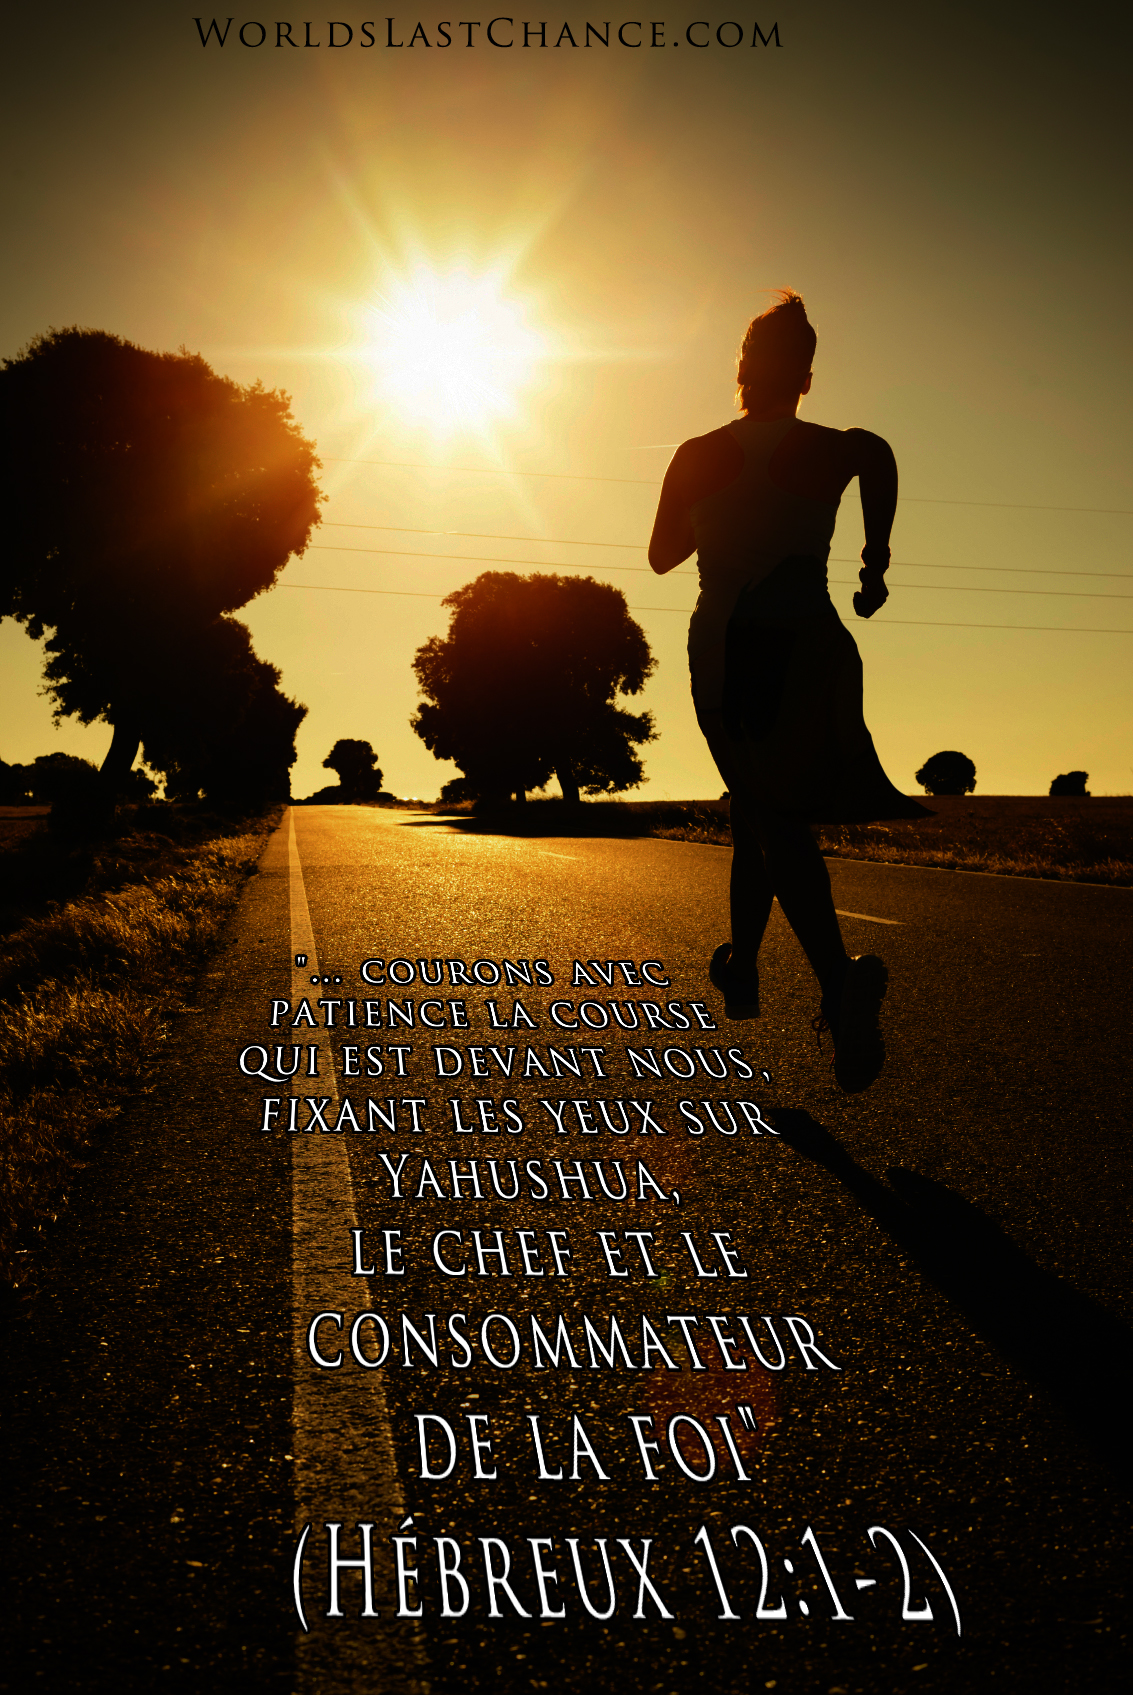 Patience pendant la course (endurance, running, trail, jogging, marathon); Hébreux 12